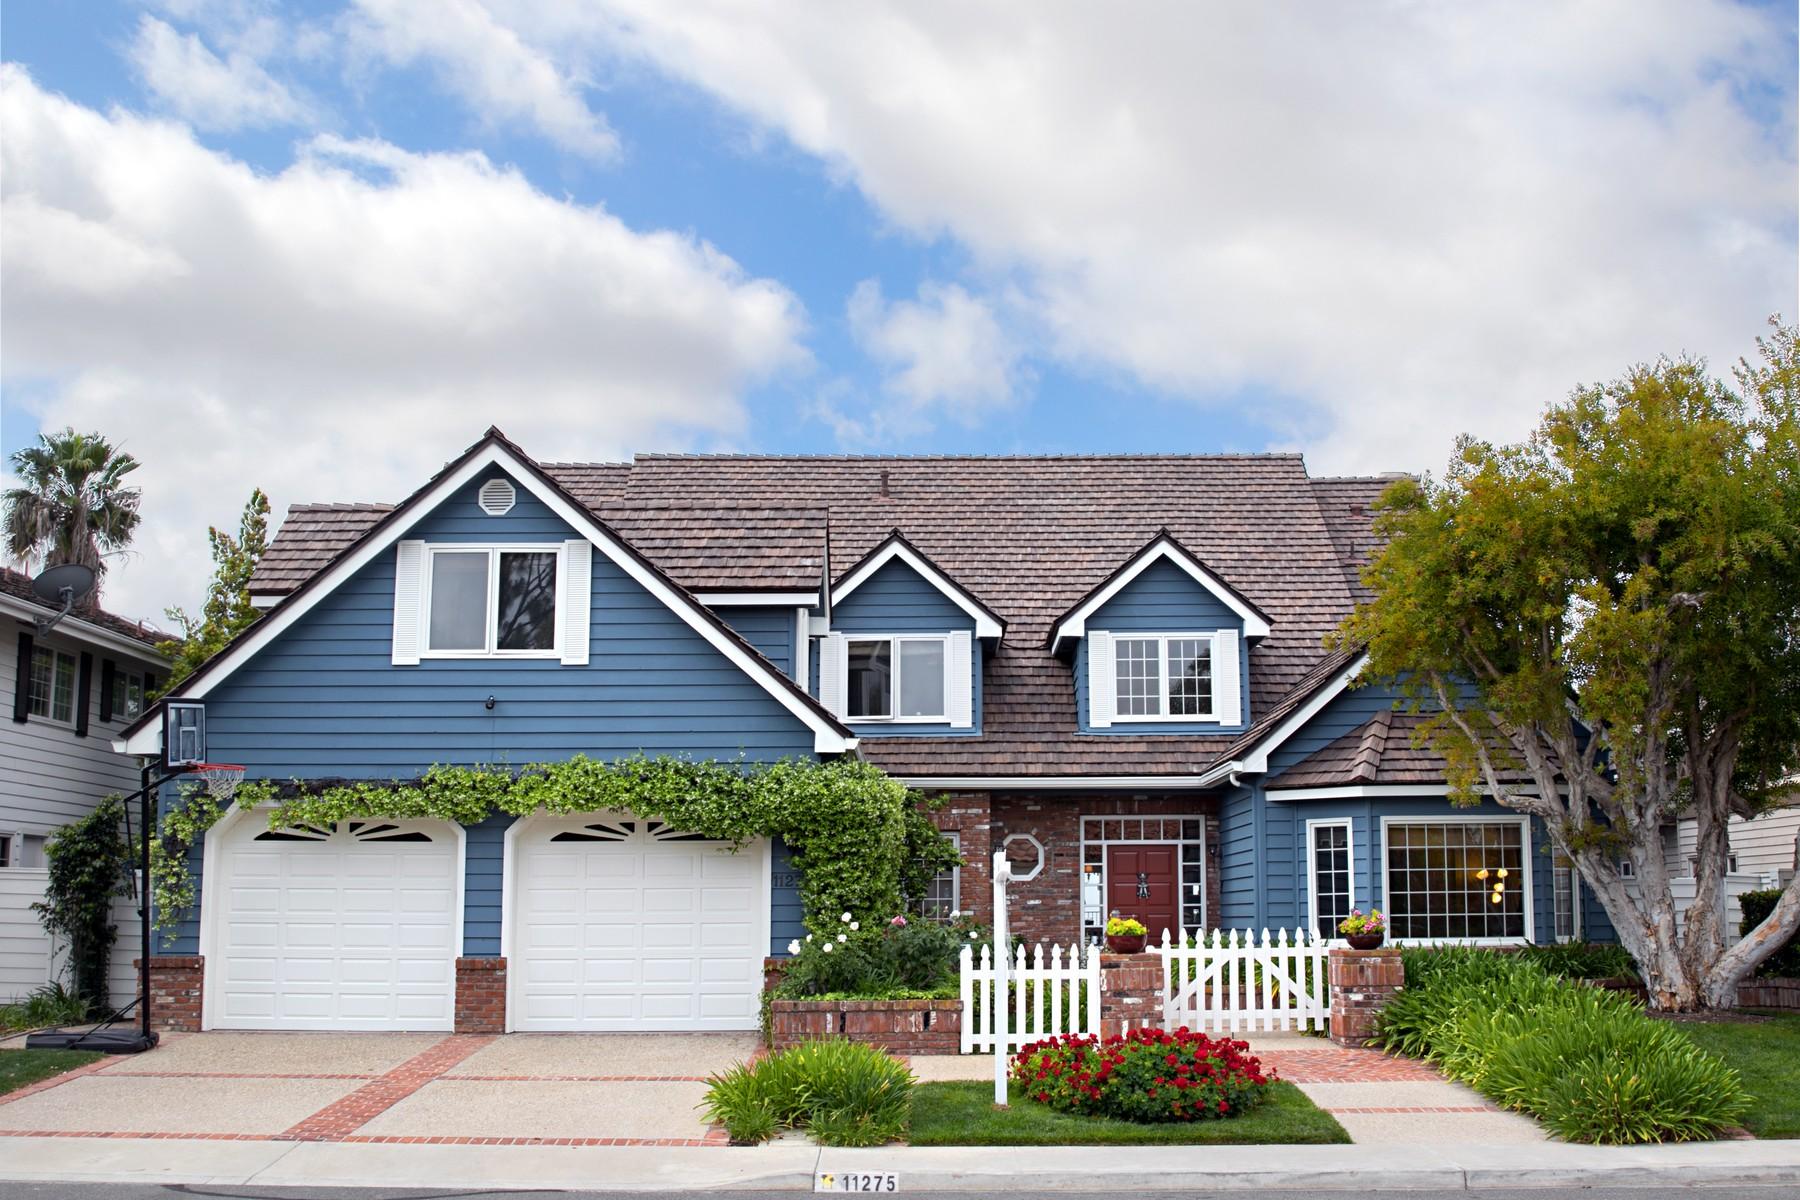 단독 가정 주택 용 매매 에 11275 Lake Rim Road Scripps Ranch, San Diego, 캘리포니아, 92131 미국